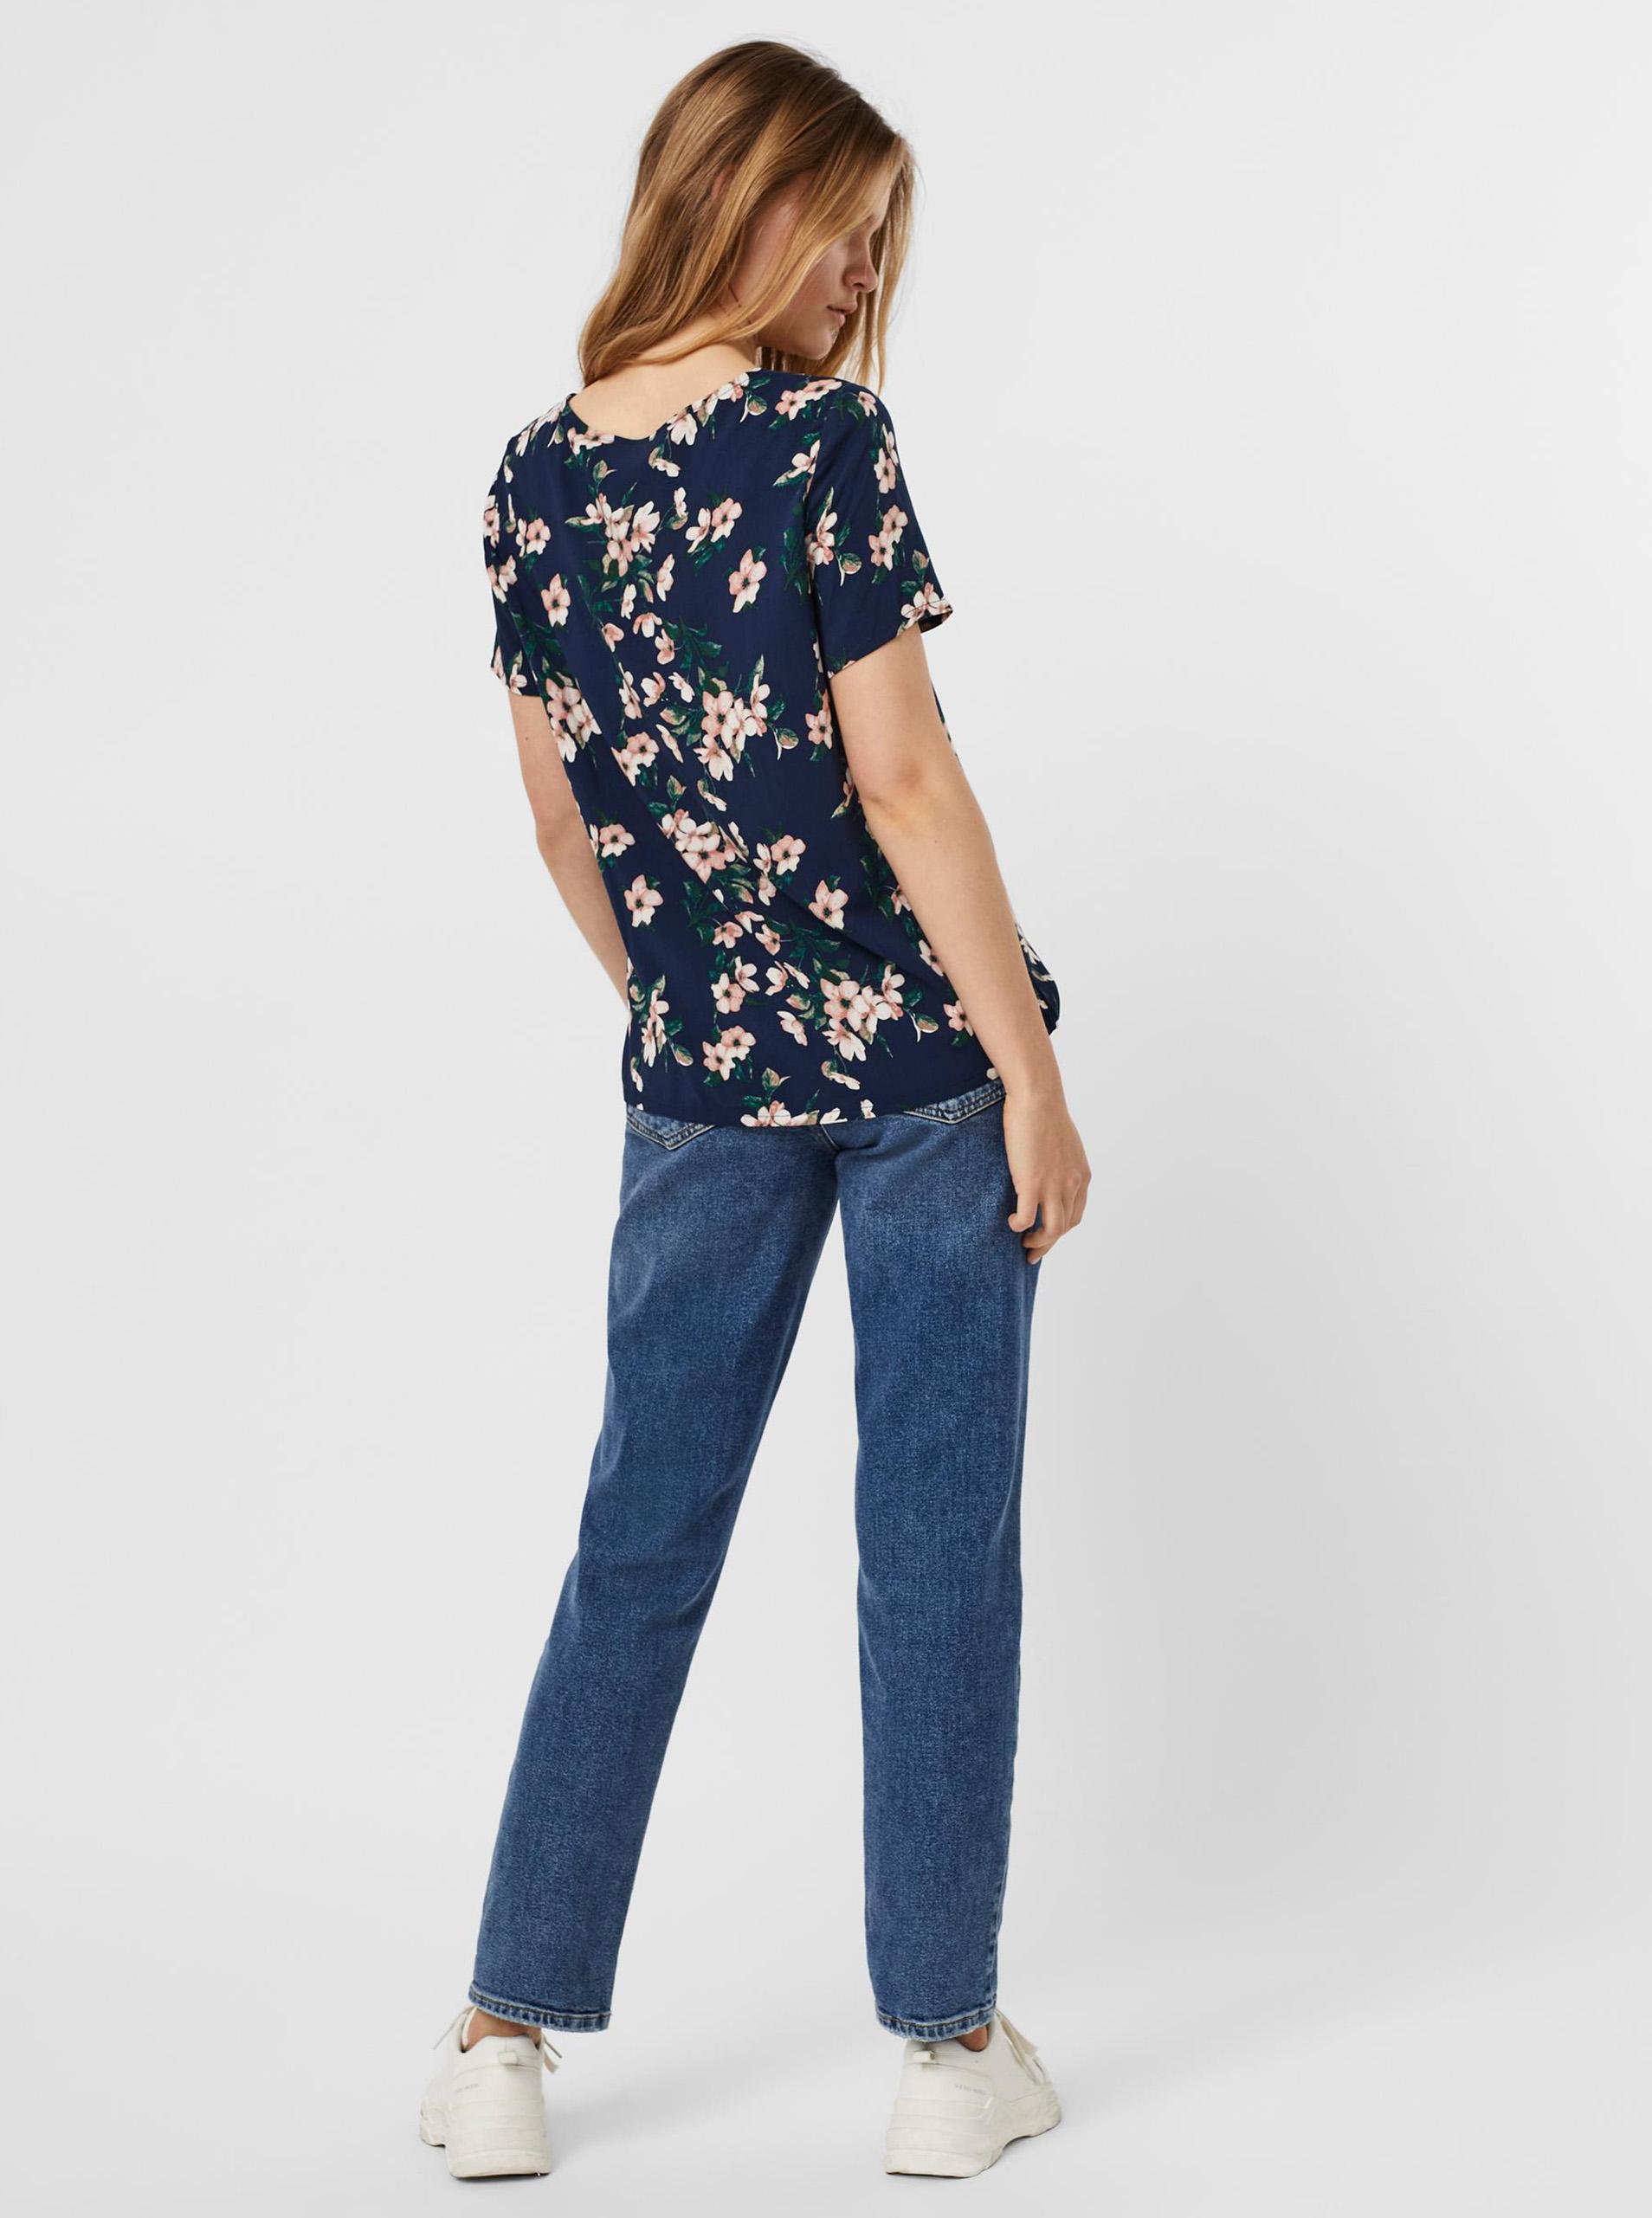 Vero Moda blu camicetta Easy con motivo floreale